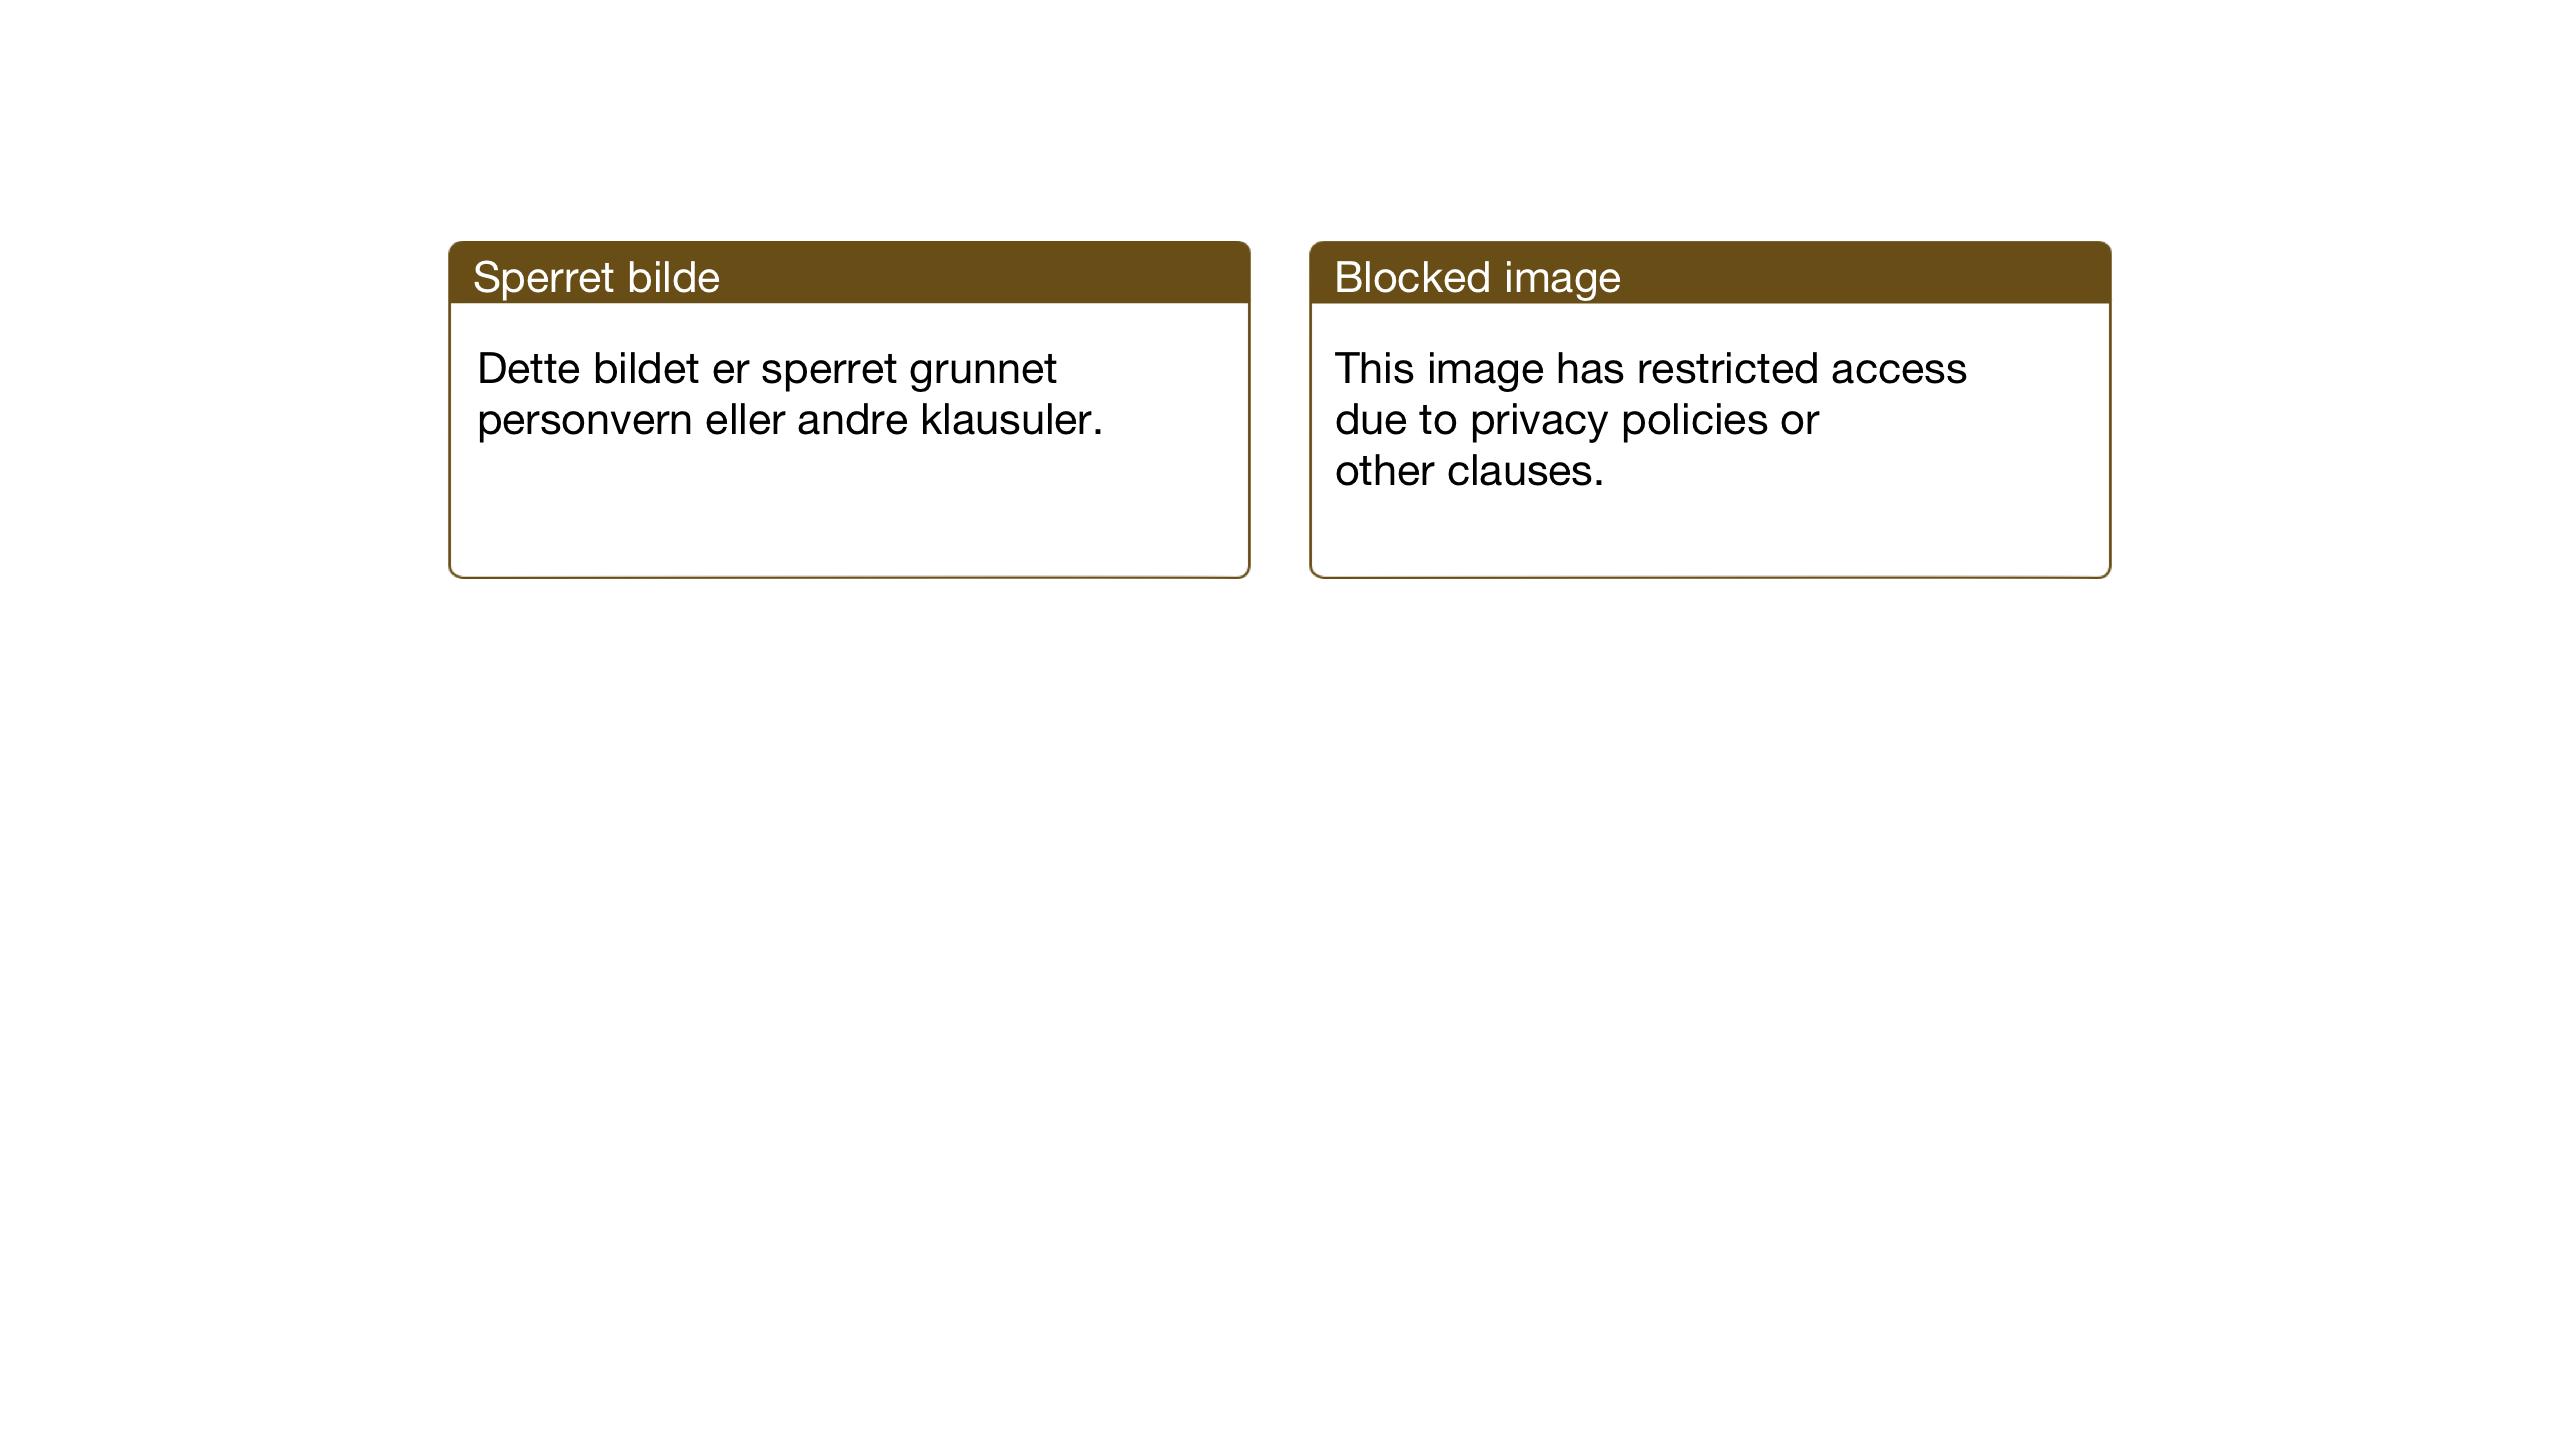 SAT, Ministerialprotokoller, klokkerbøker og fødselsregistre - Sør-Trøndelag, 611/L0359: Klokkerbok nr. 611C07, 1947-1950, s. 113